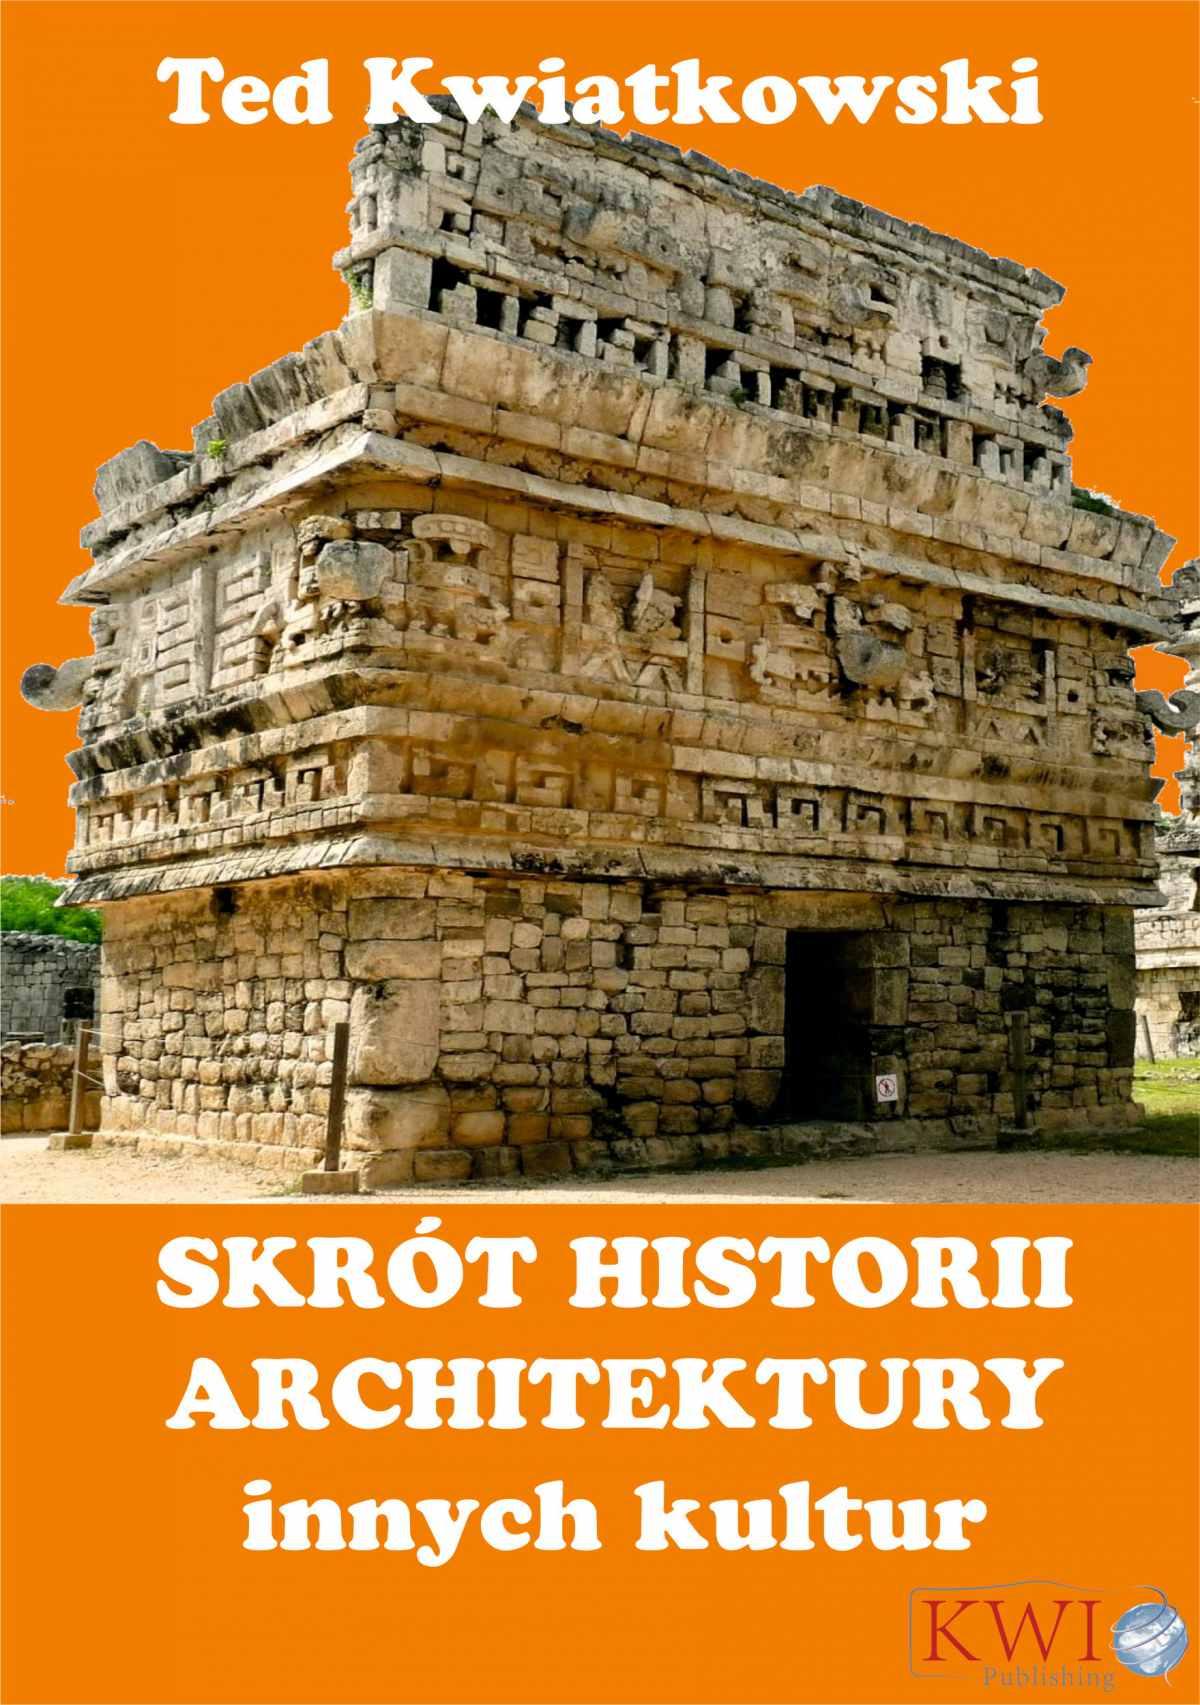 Skrót historii architektury innych kultur - Ebook (Książka PDF) do pobrania w formacie PDF